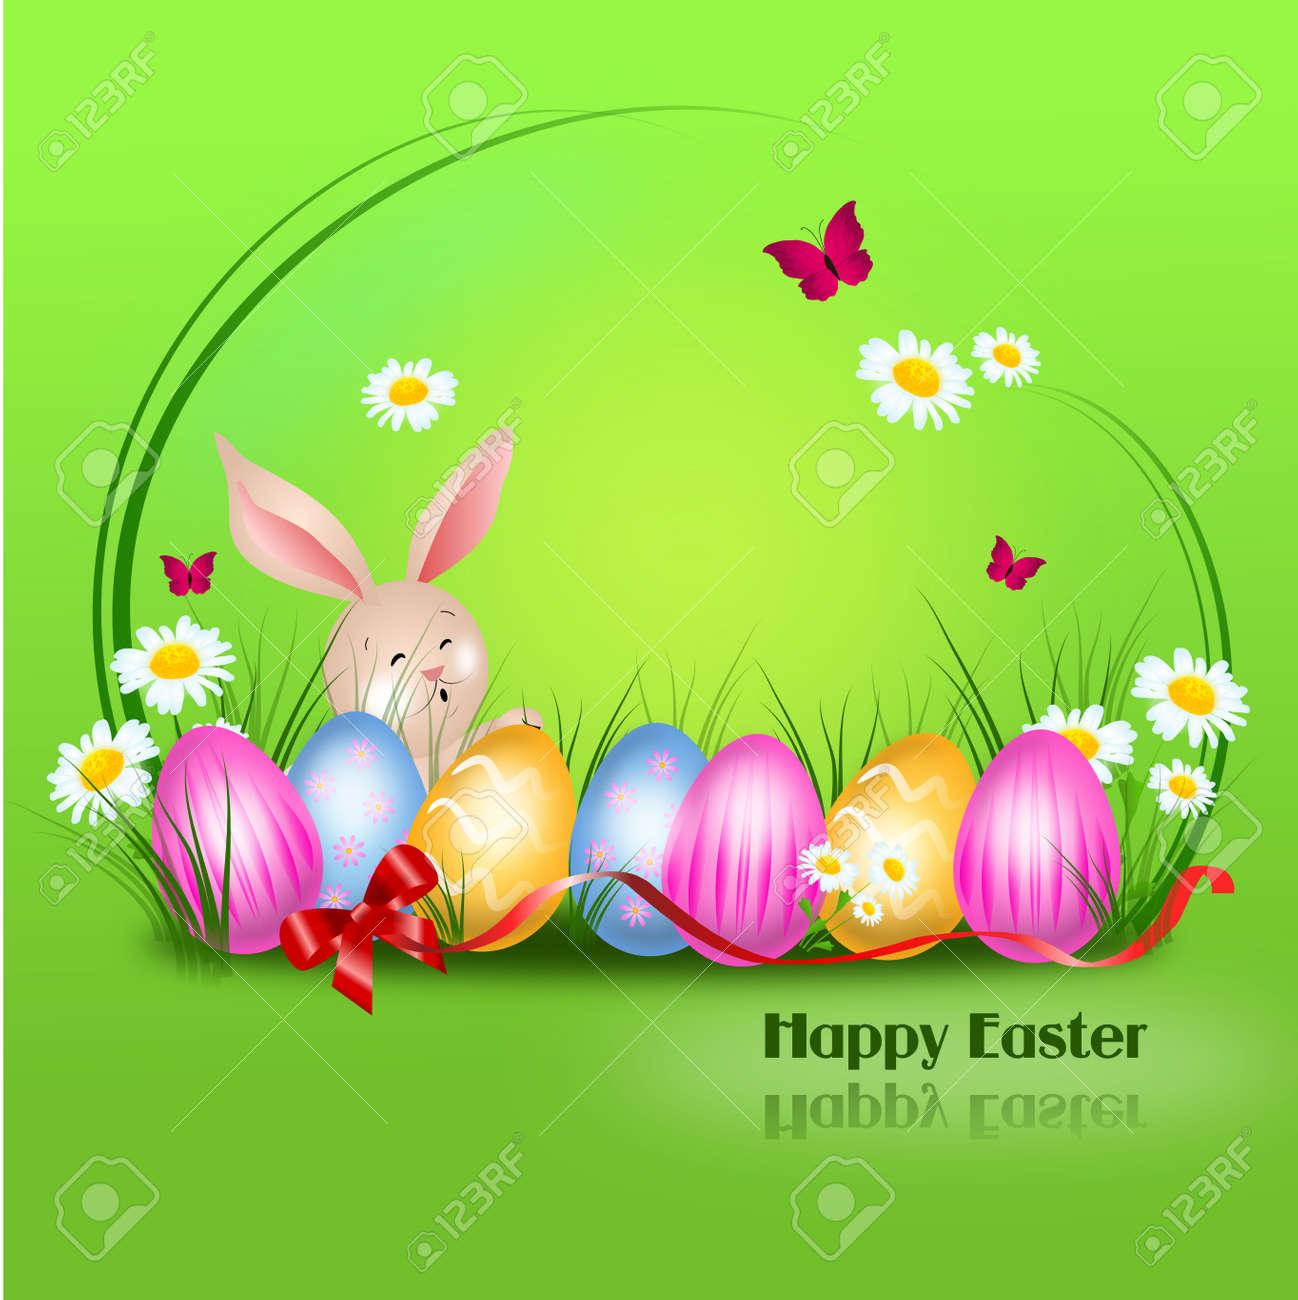 Schöne Ostern Hintergrund Mit Osterhase Und Ostereier Lizenzfreie